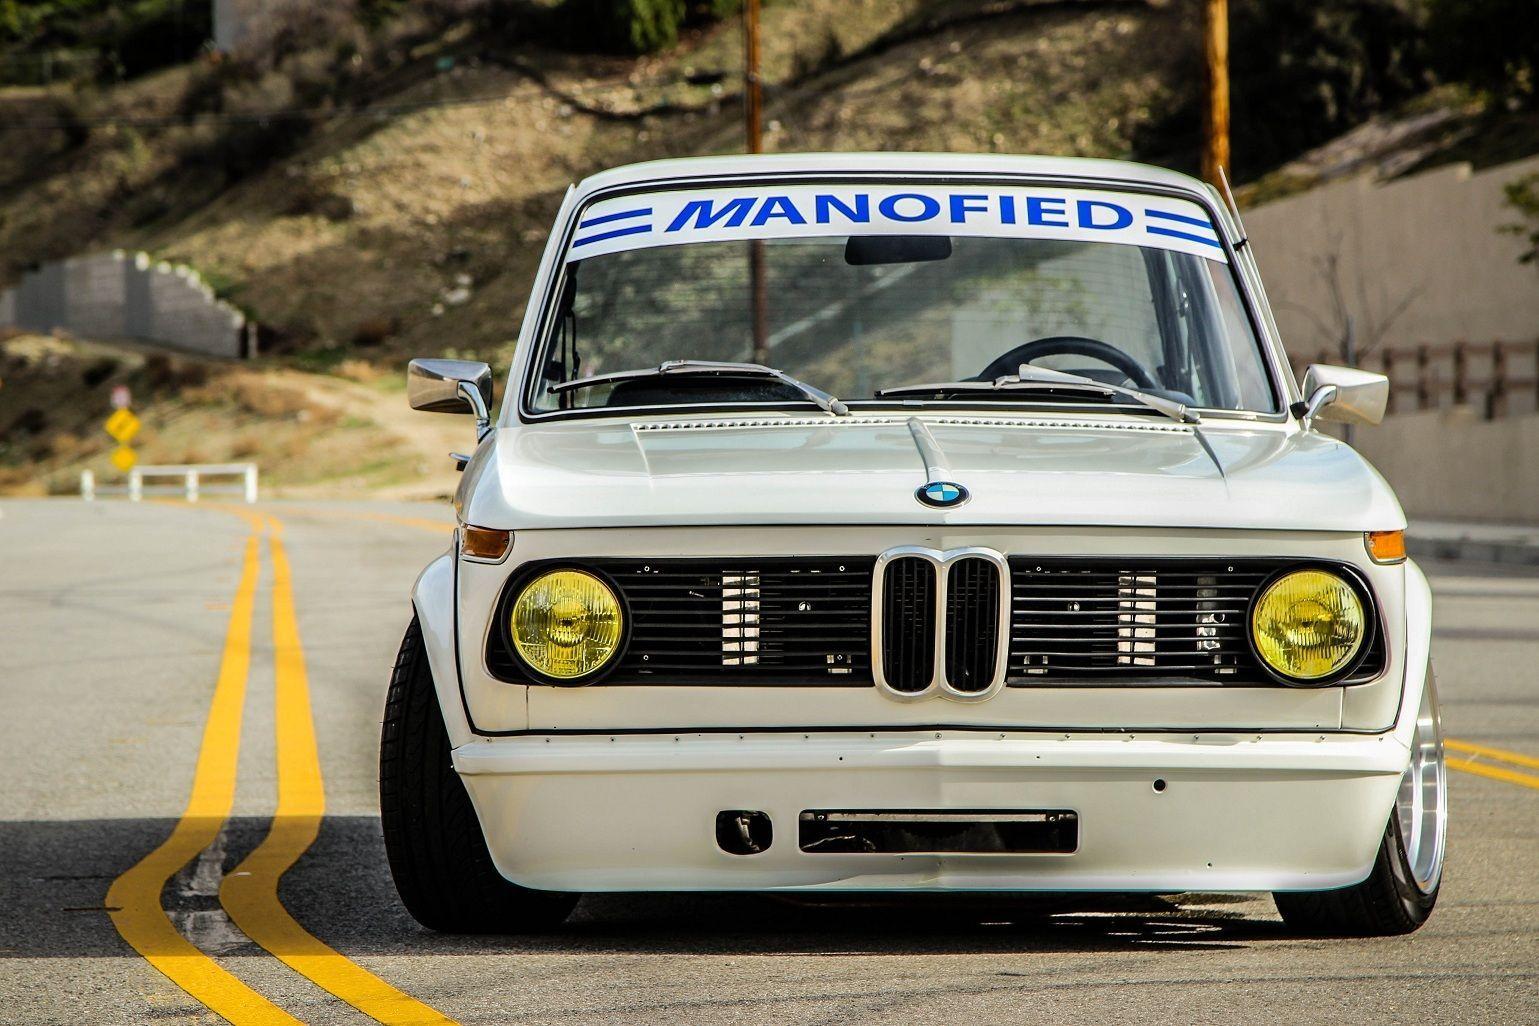 BMW 2002 M20 Turbo 1974 - ok. 128000 PLN - USA - Giełda klasyków